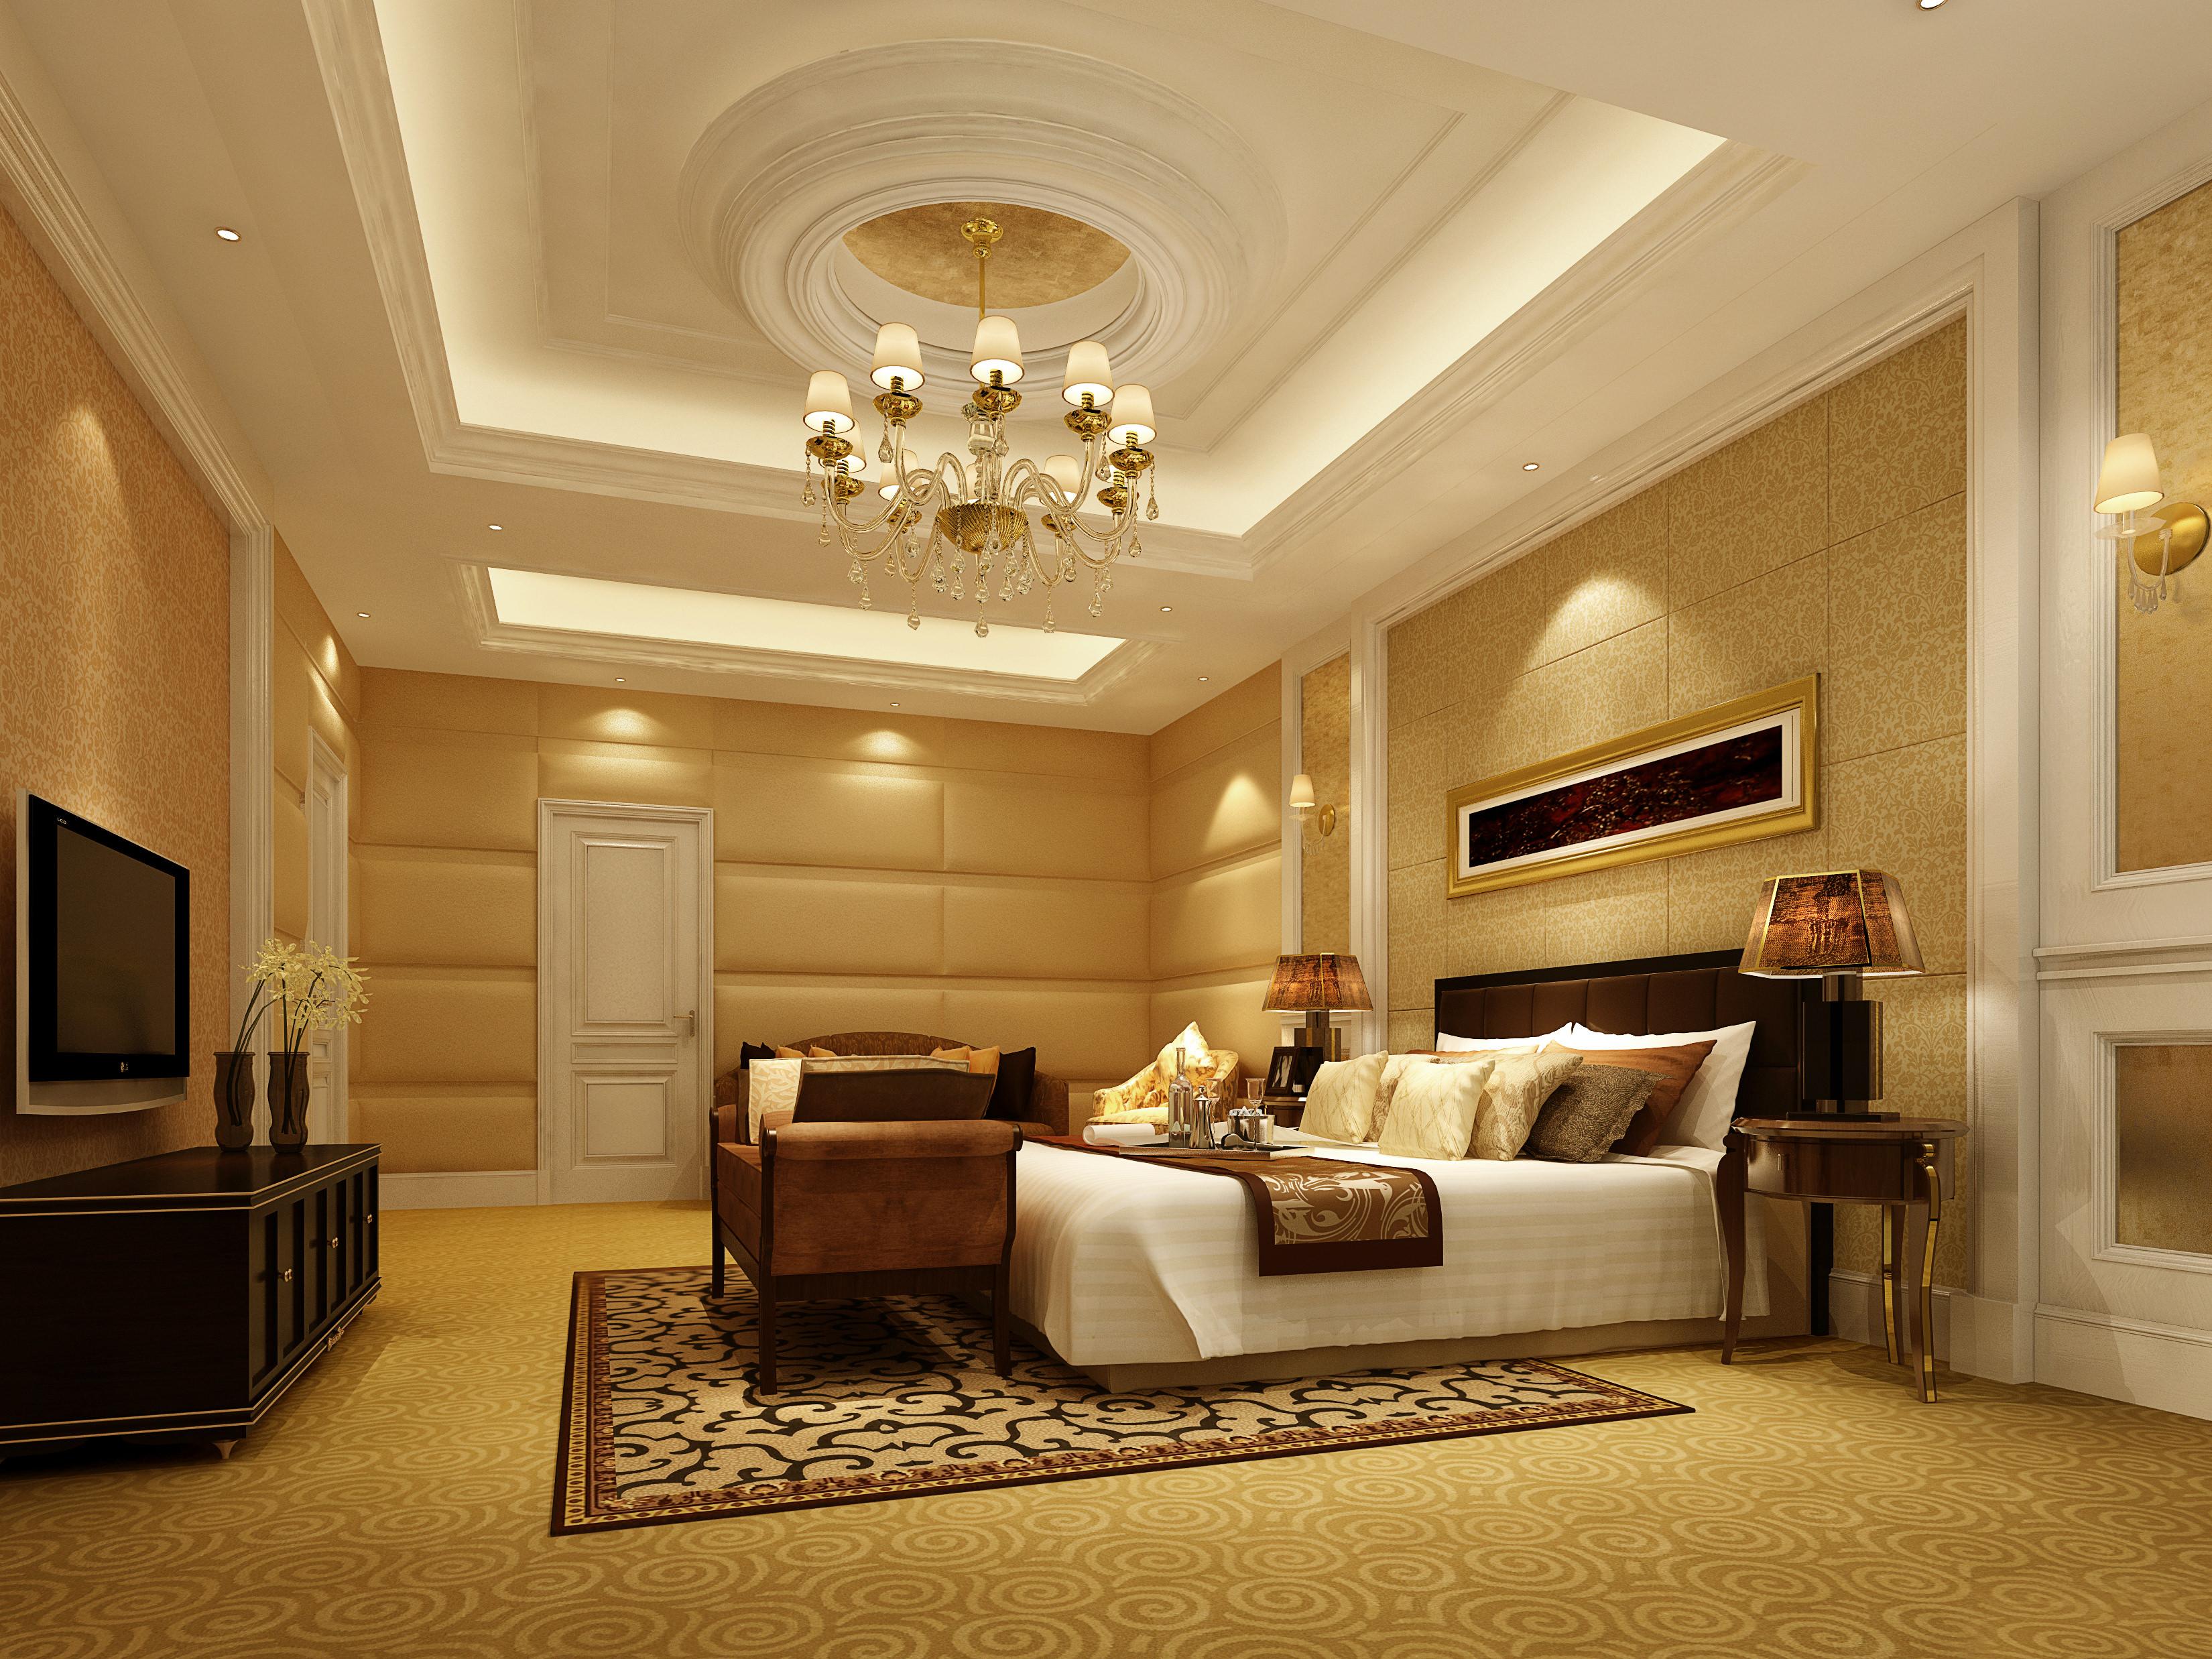 bedroom 3d model max 1 - 3d Max Interior Design Models